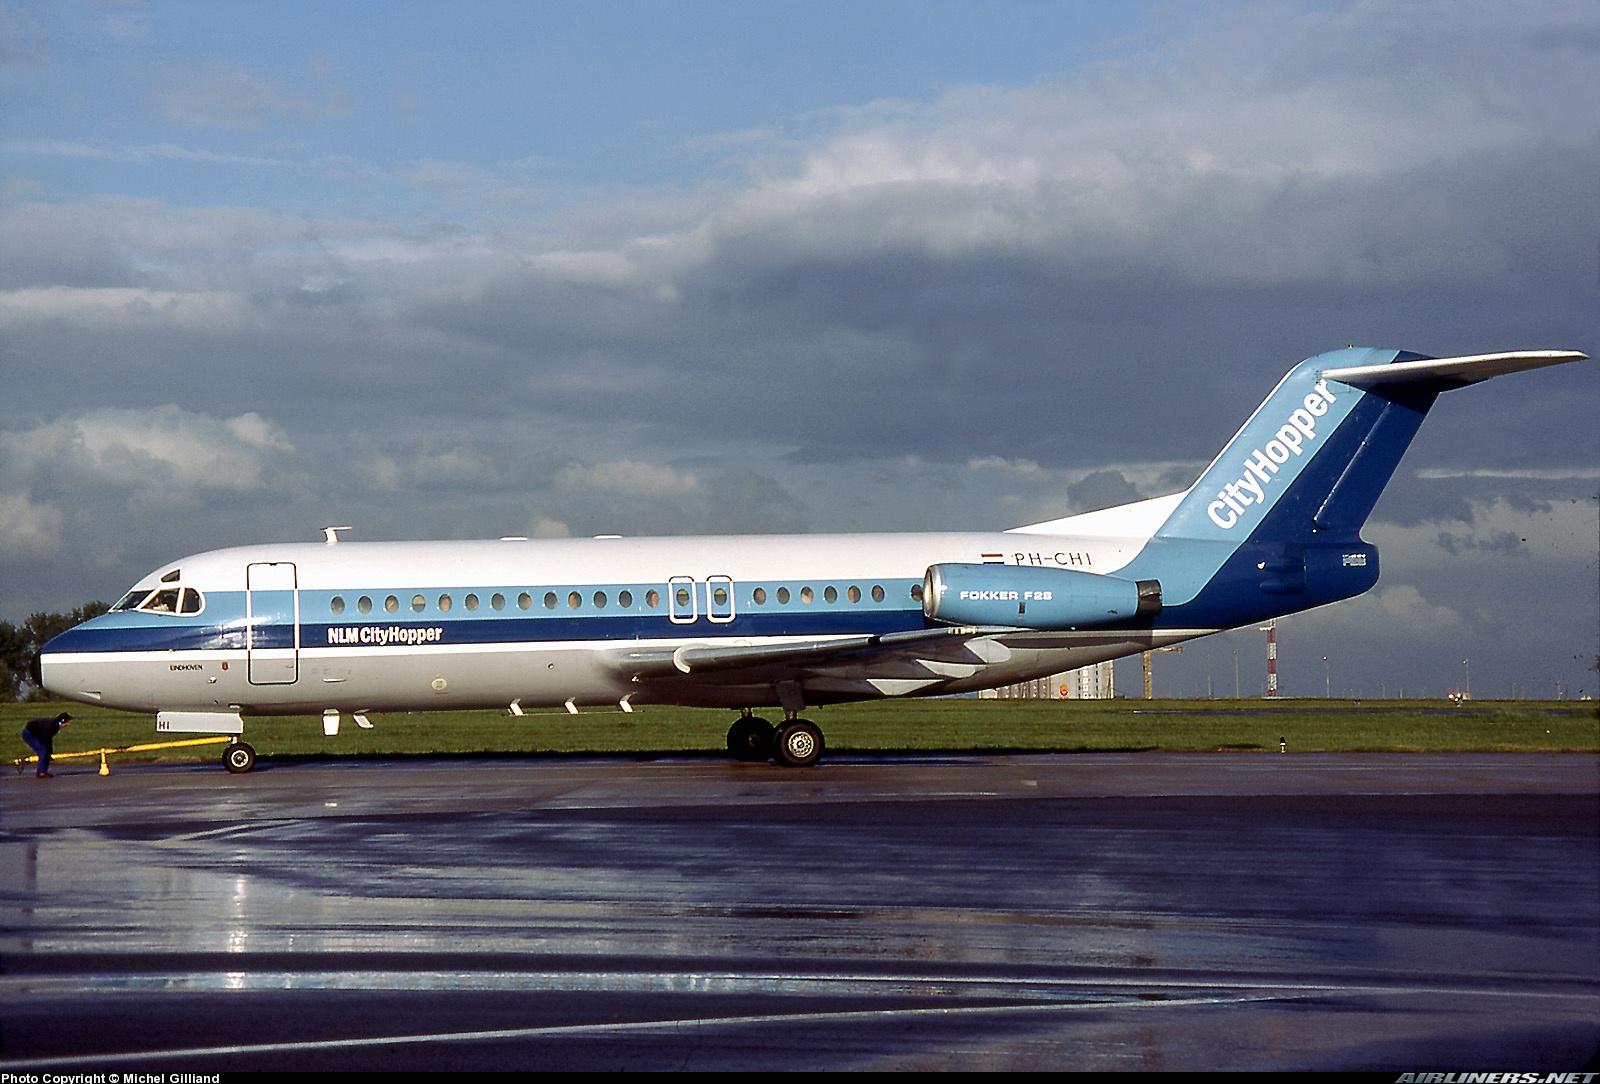 http://cdn-www.airliners.net/photos/airliners/7/4/3/0746347.jpg?v=v40